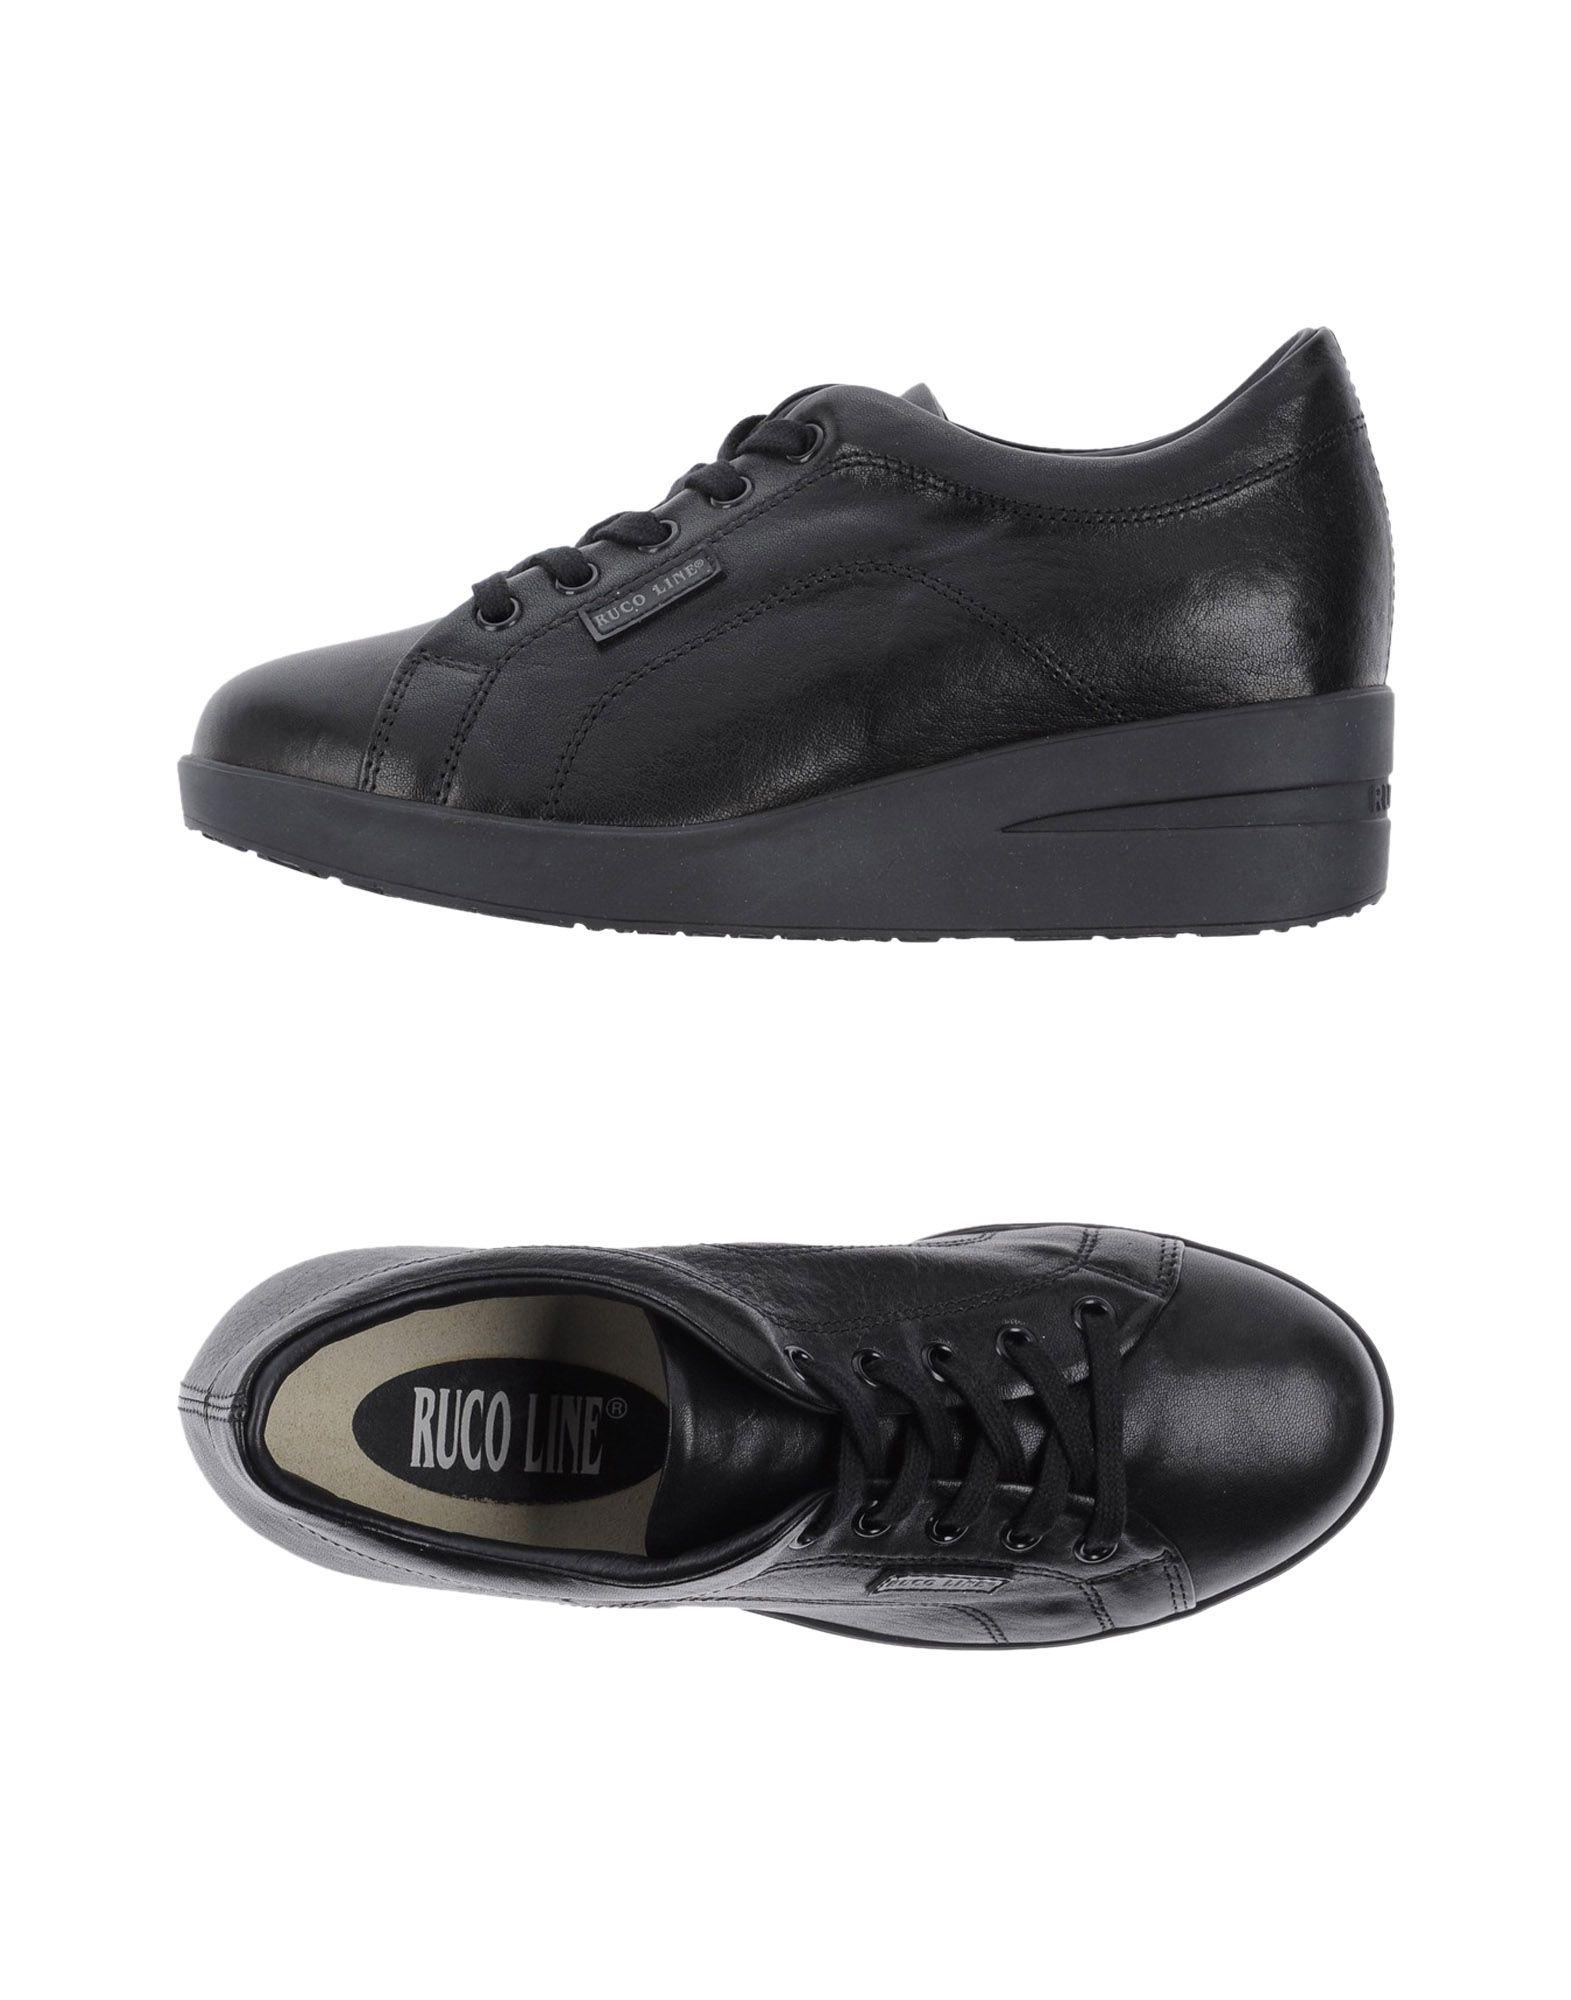 Ruco Line Sneakers Damen  Qualität 11334802XE Gute Qualität  beliebte Schuhe 782dfe